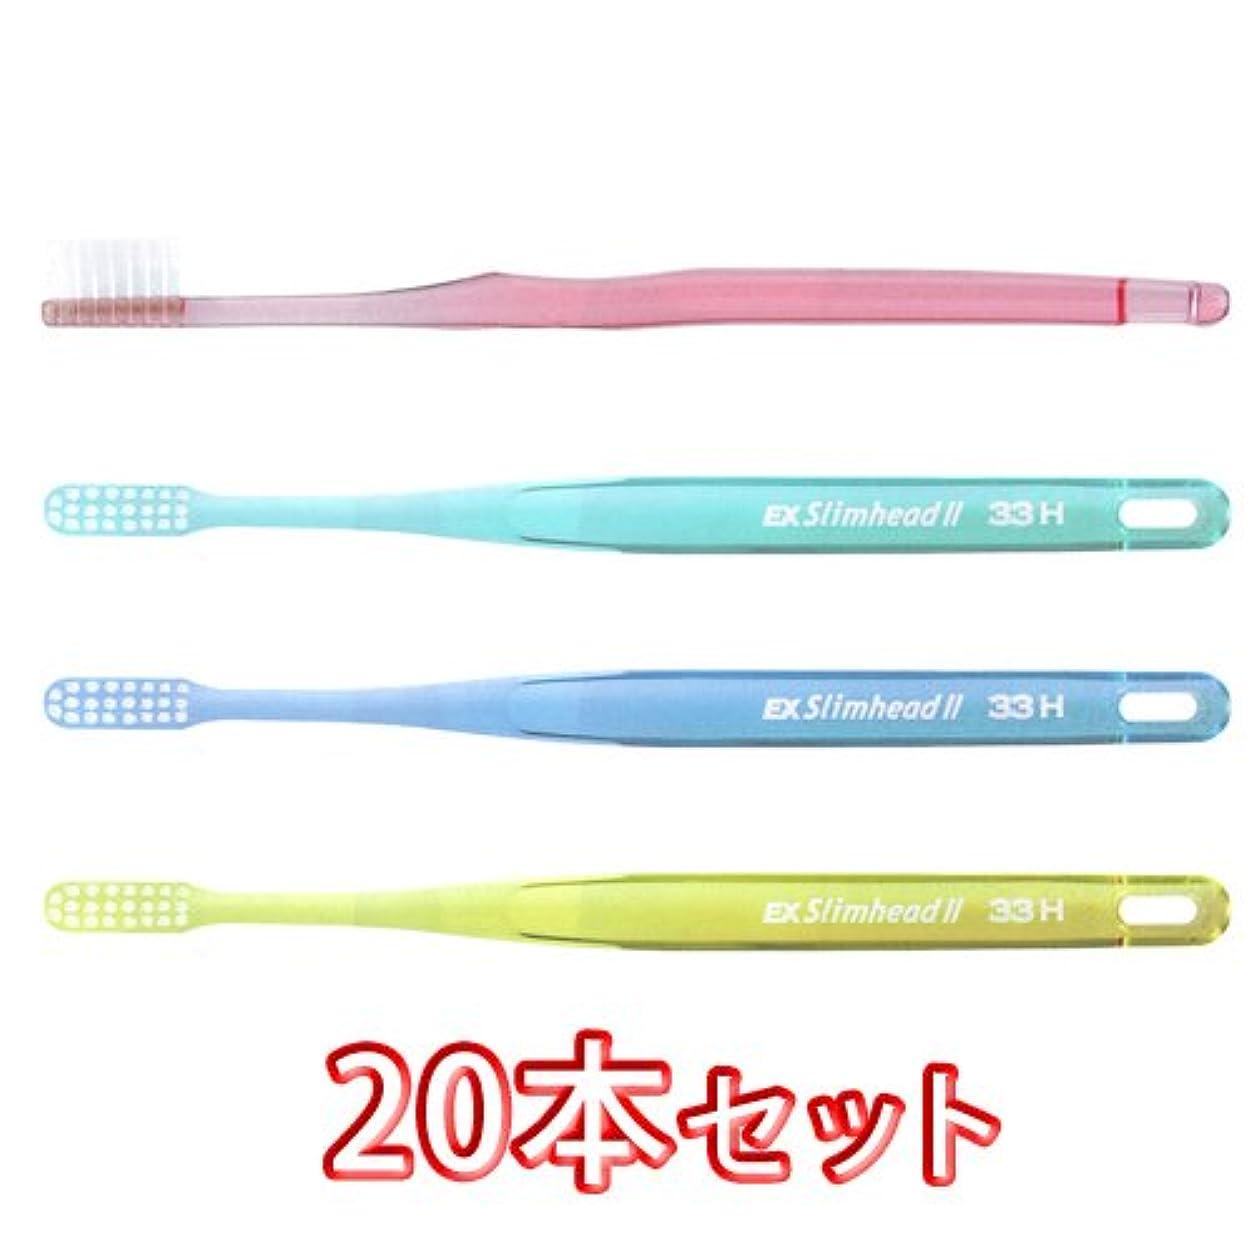 誤解する気味の悪い強打ライオン スリムヘッド2 歯ブラシ DENT . EX Slimhead2 20本入 (33H)